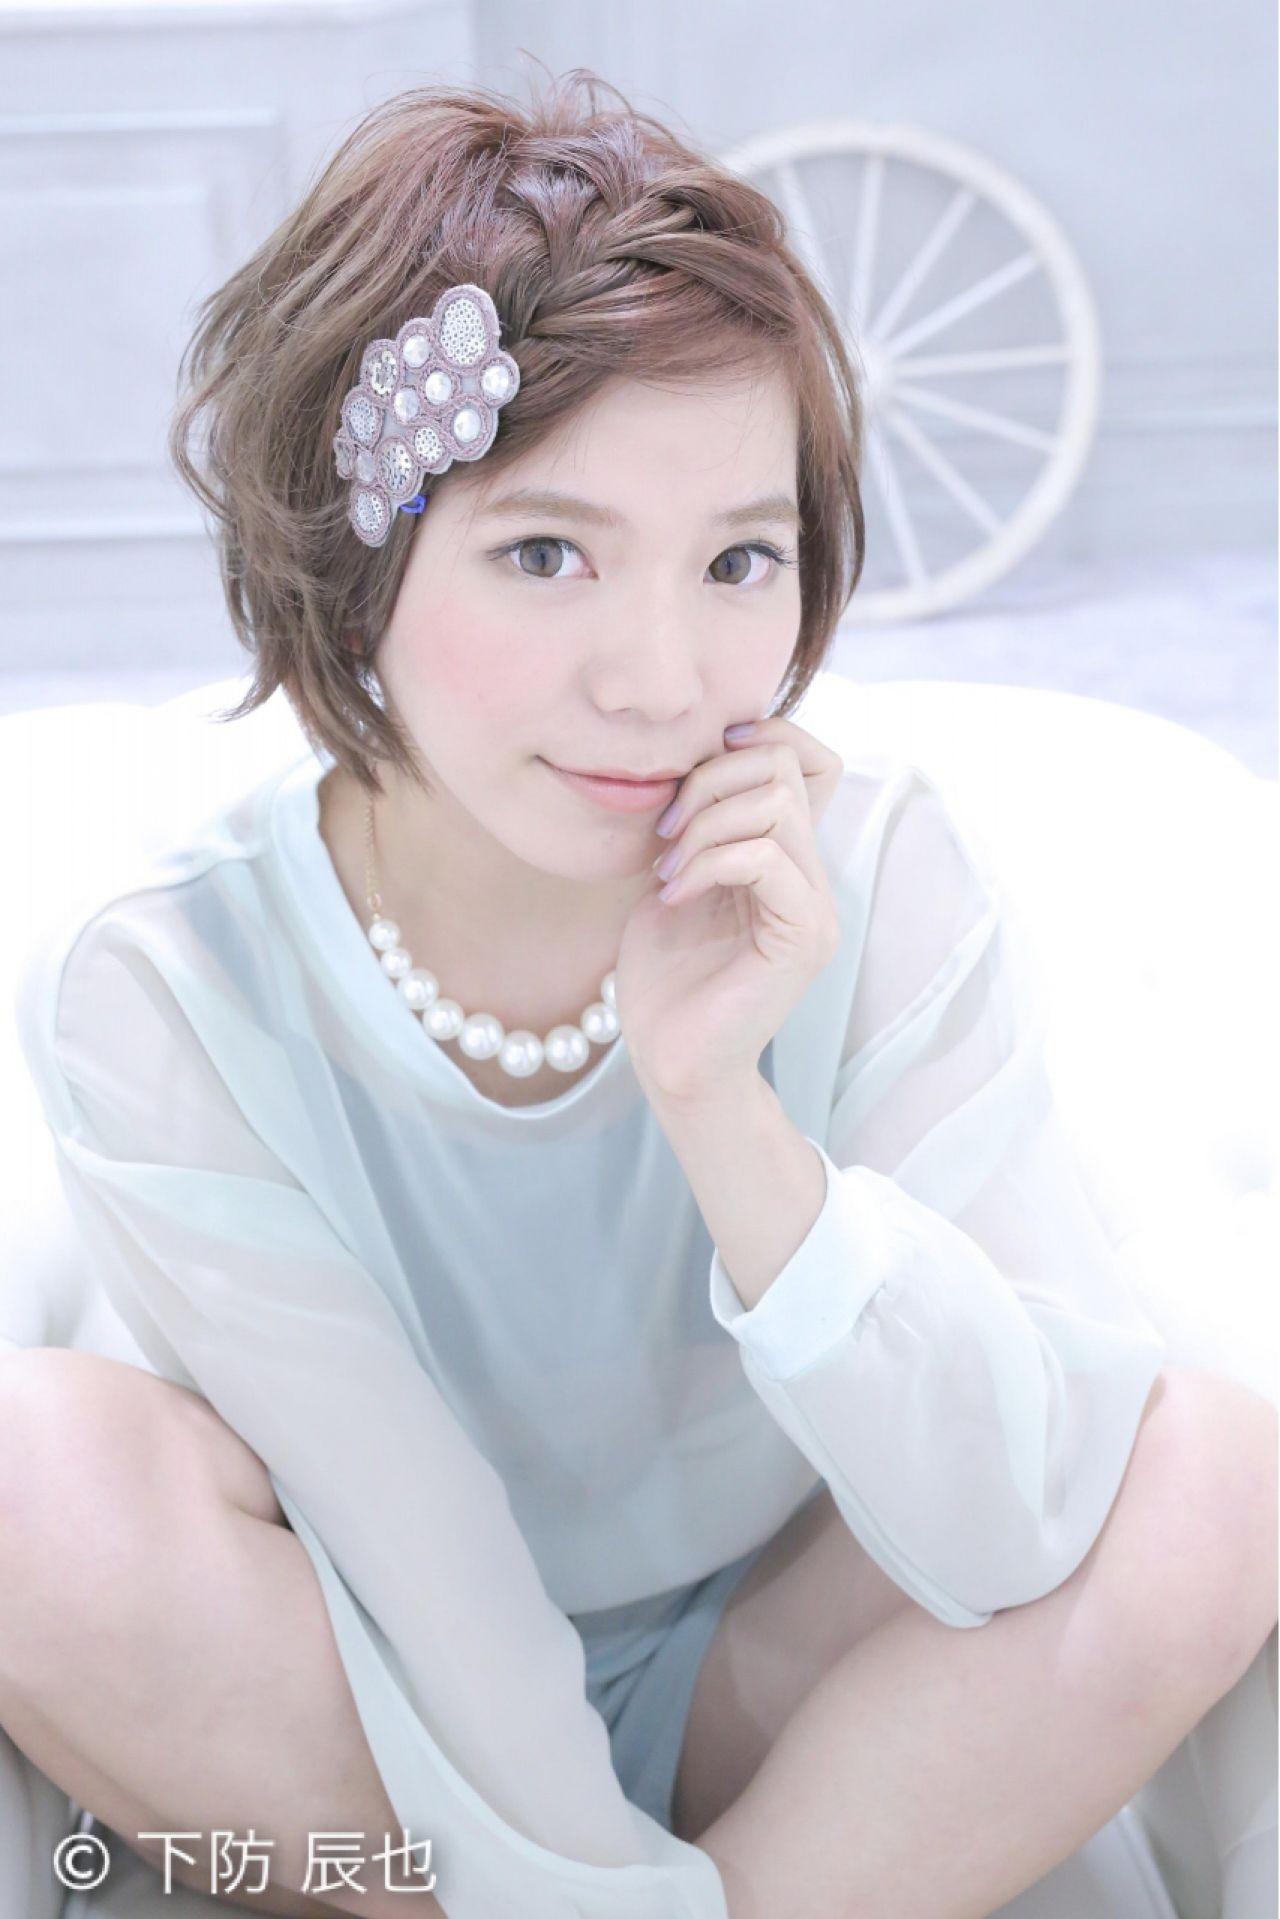 前髪三つ編みでショートヘアをフェミニンに 下防 タツヤ ☆sCene☆